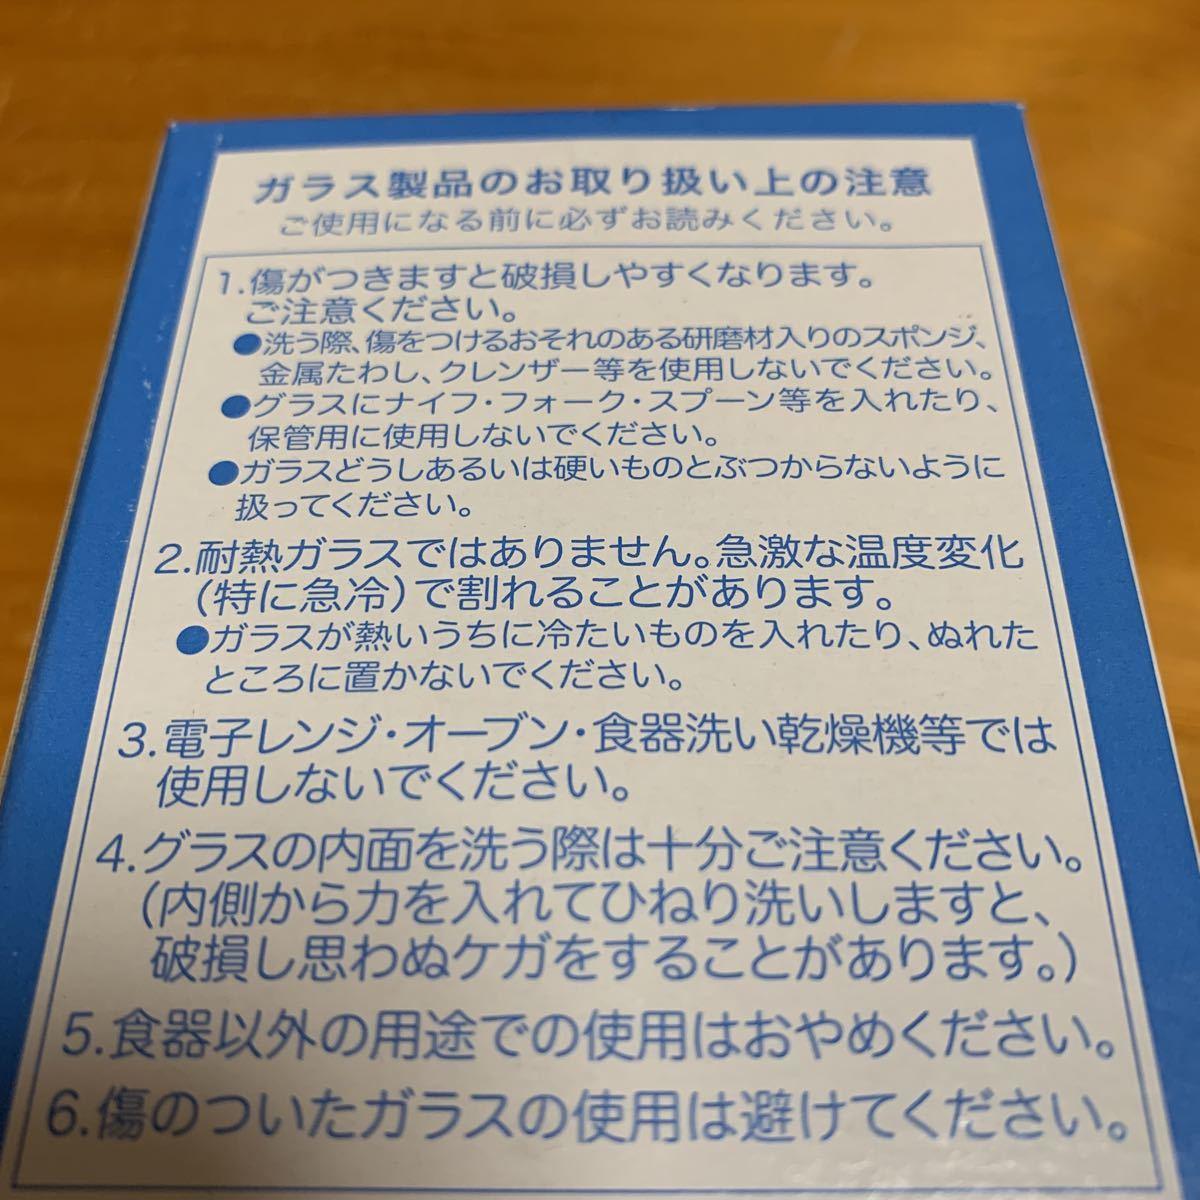 ハローキティ 清涼グラス 1個 洋服の青山 ノベルティ新品 未使用品 送料無料_画像6